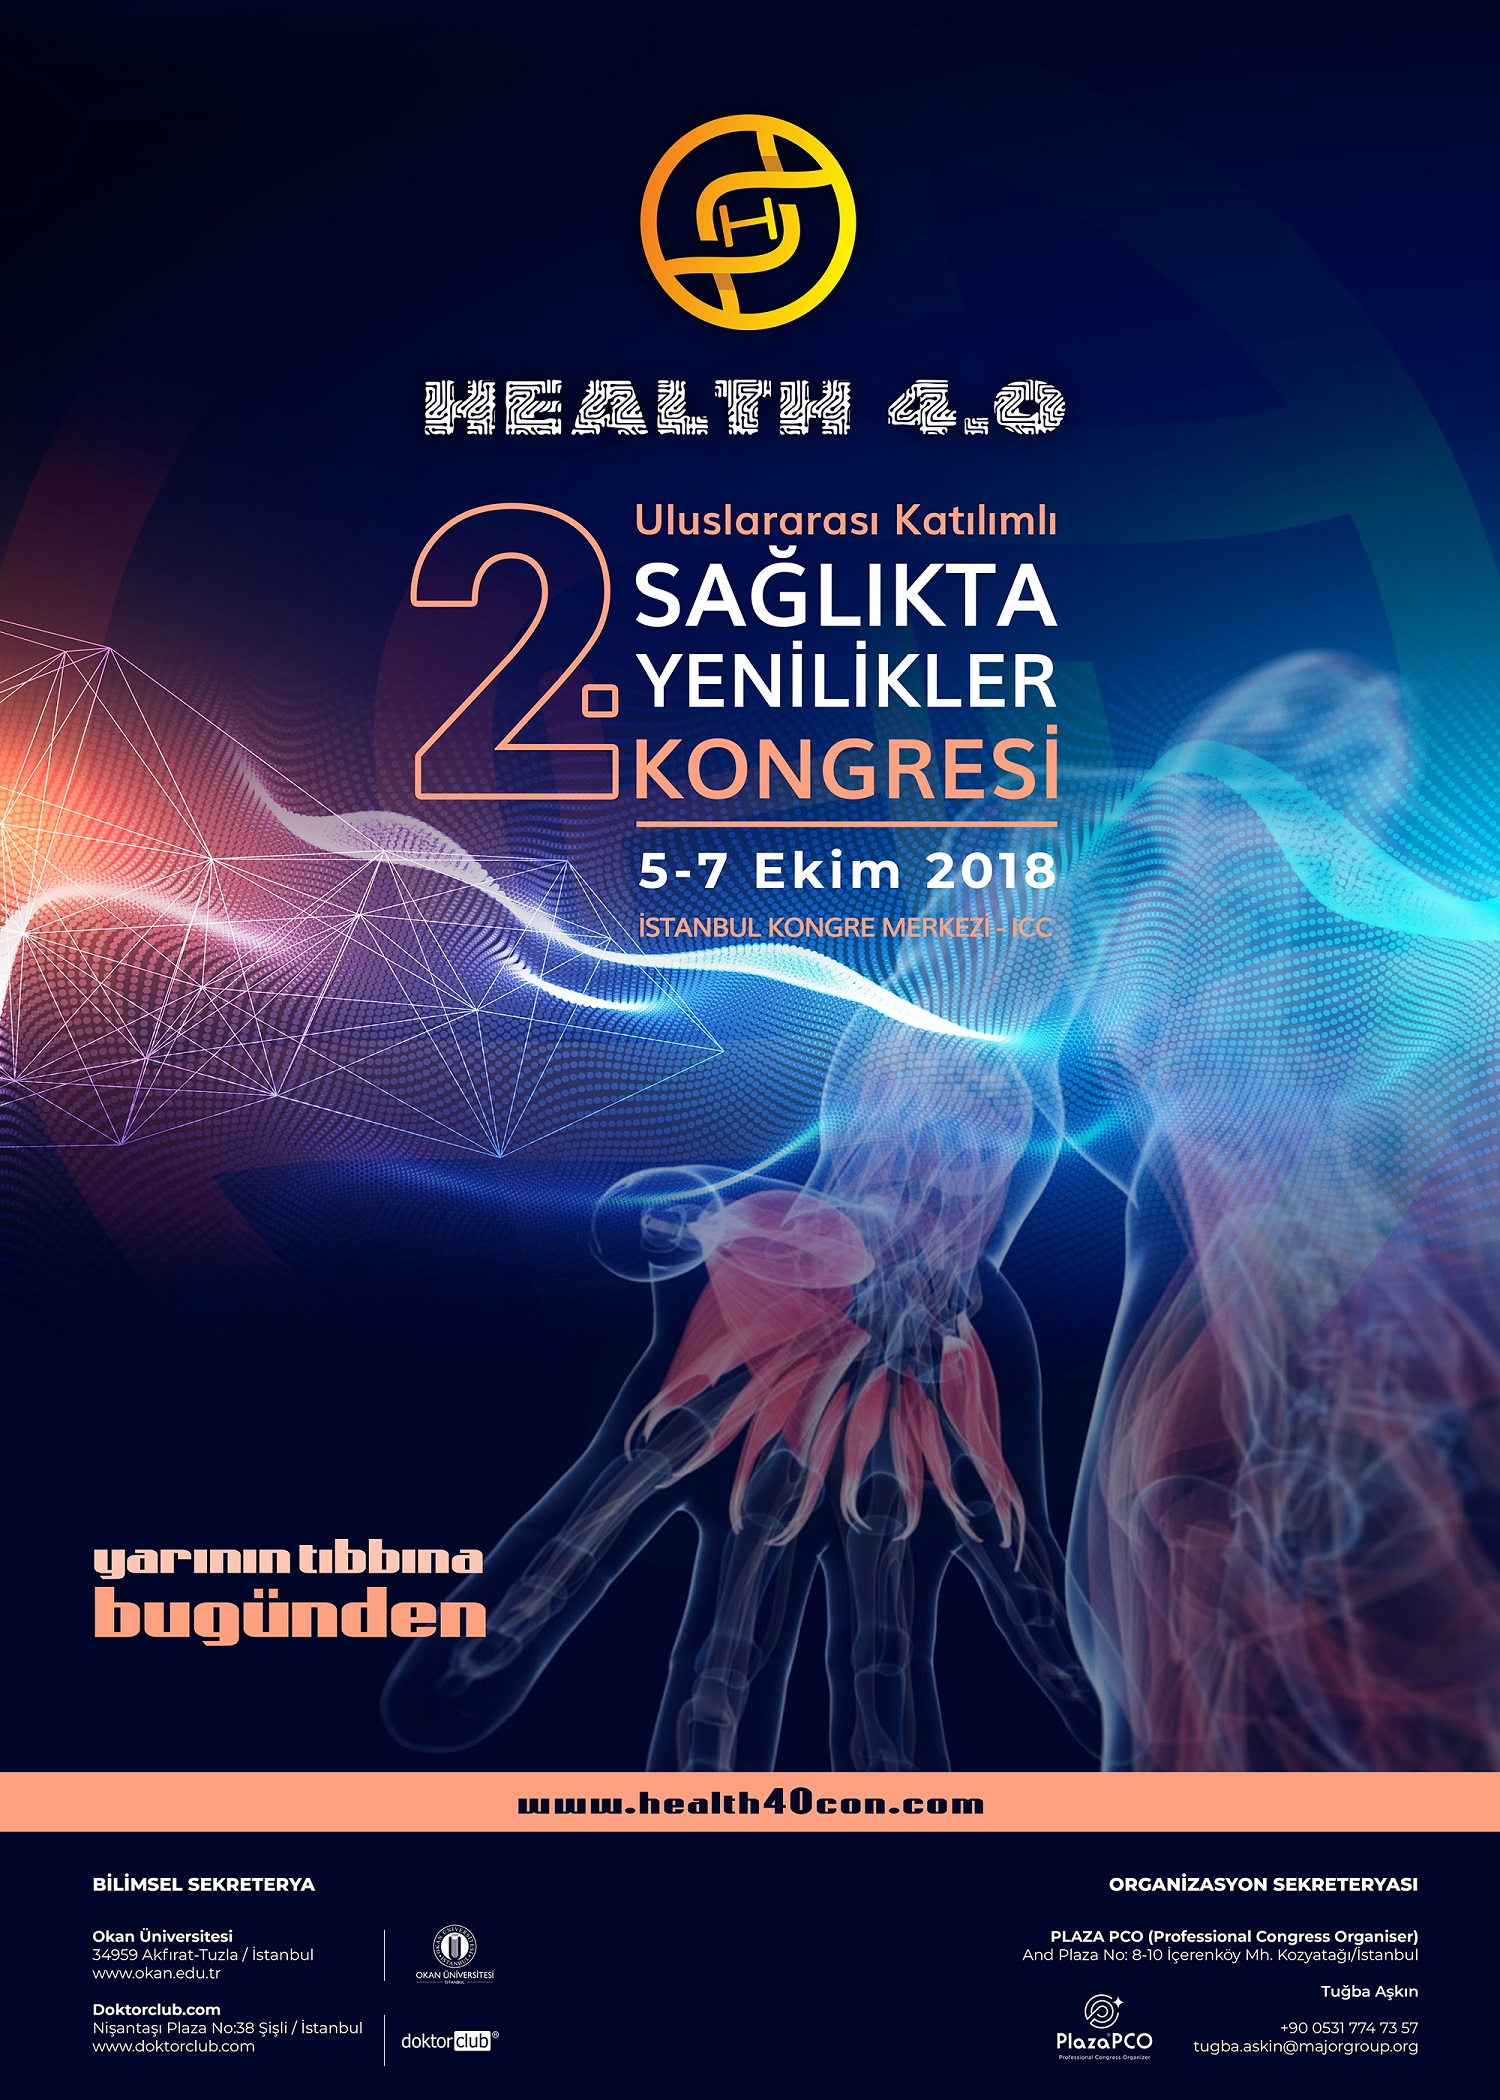 Toksinleri vücuttan atma yolları ile Etiketlenen Konular 59